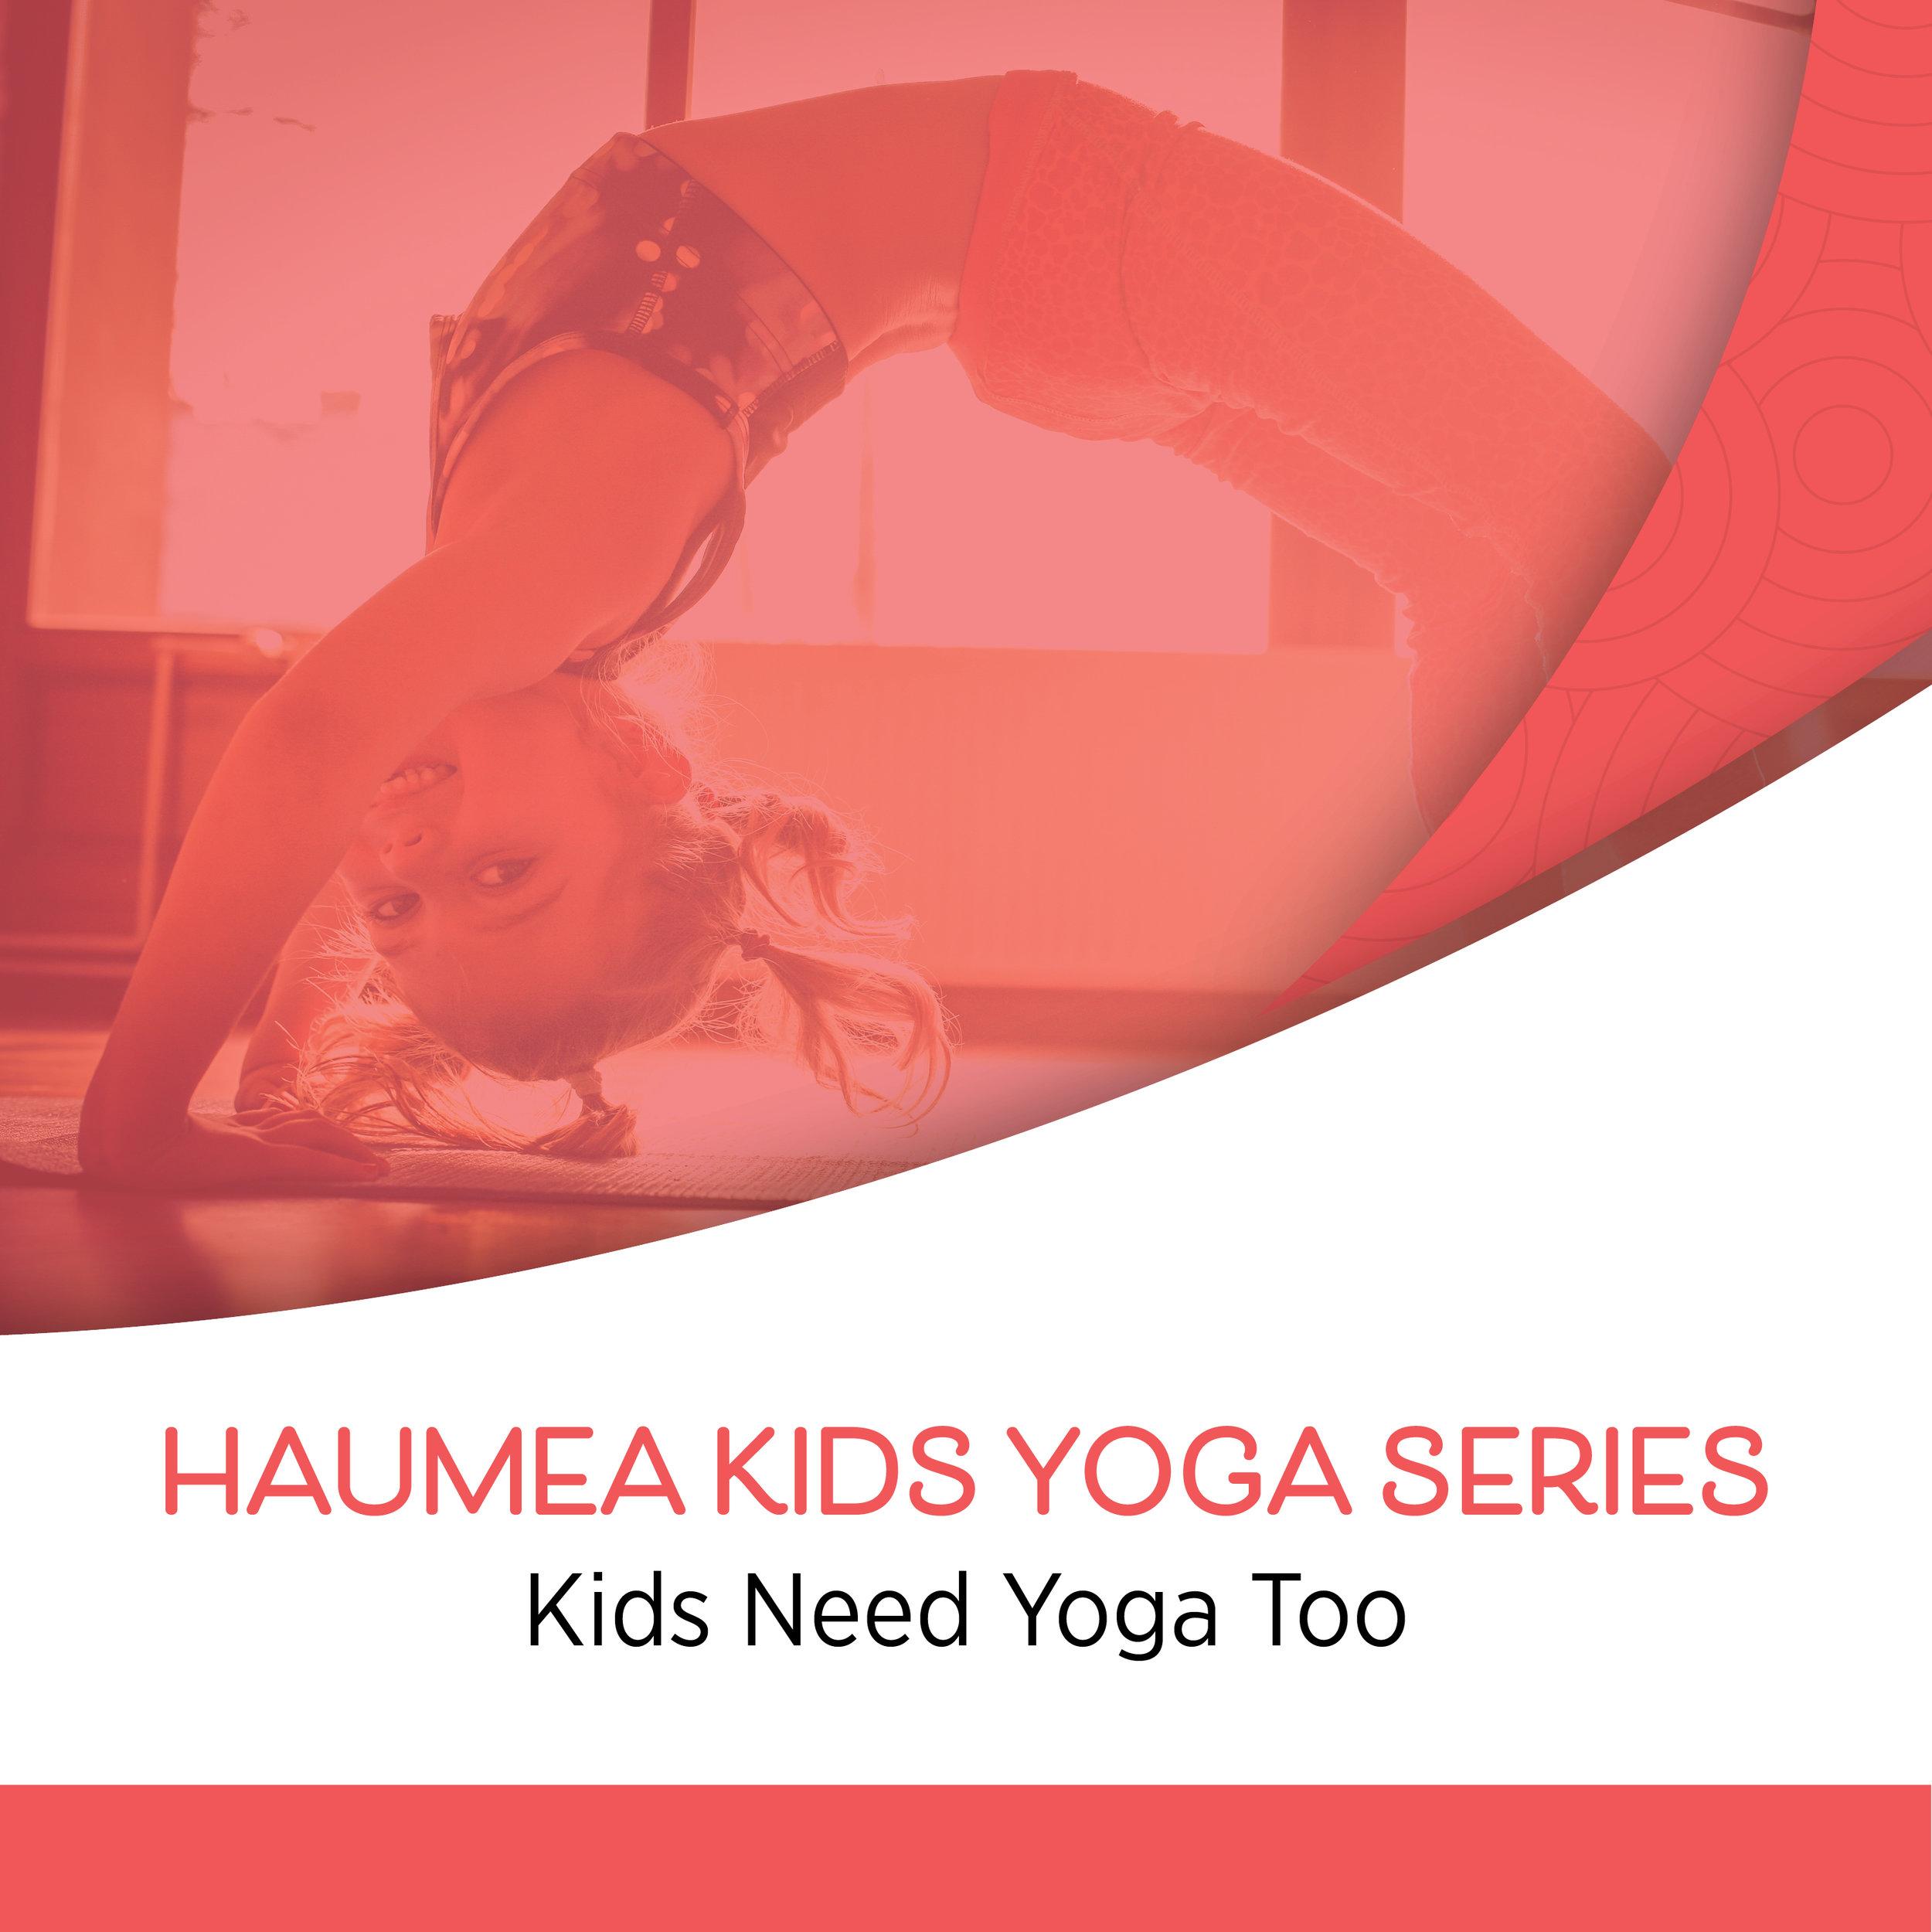 Haumea_2019_Haumea Kids Yoga Series_Web.jpg